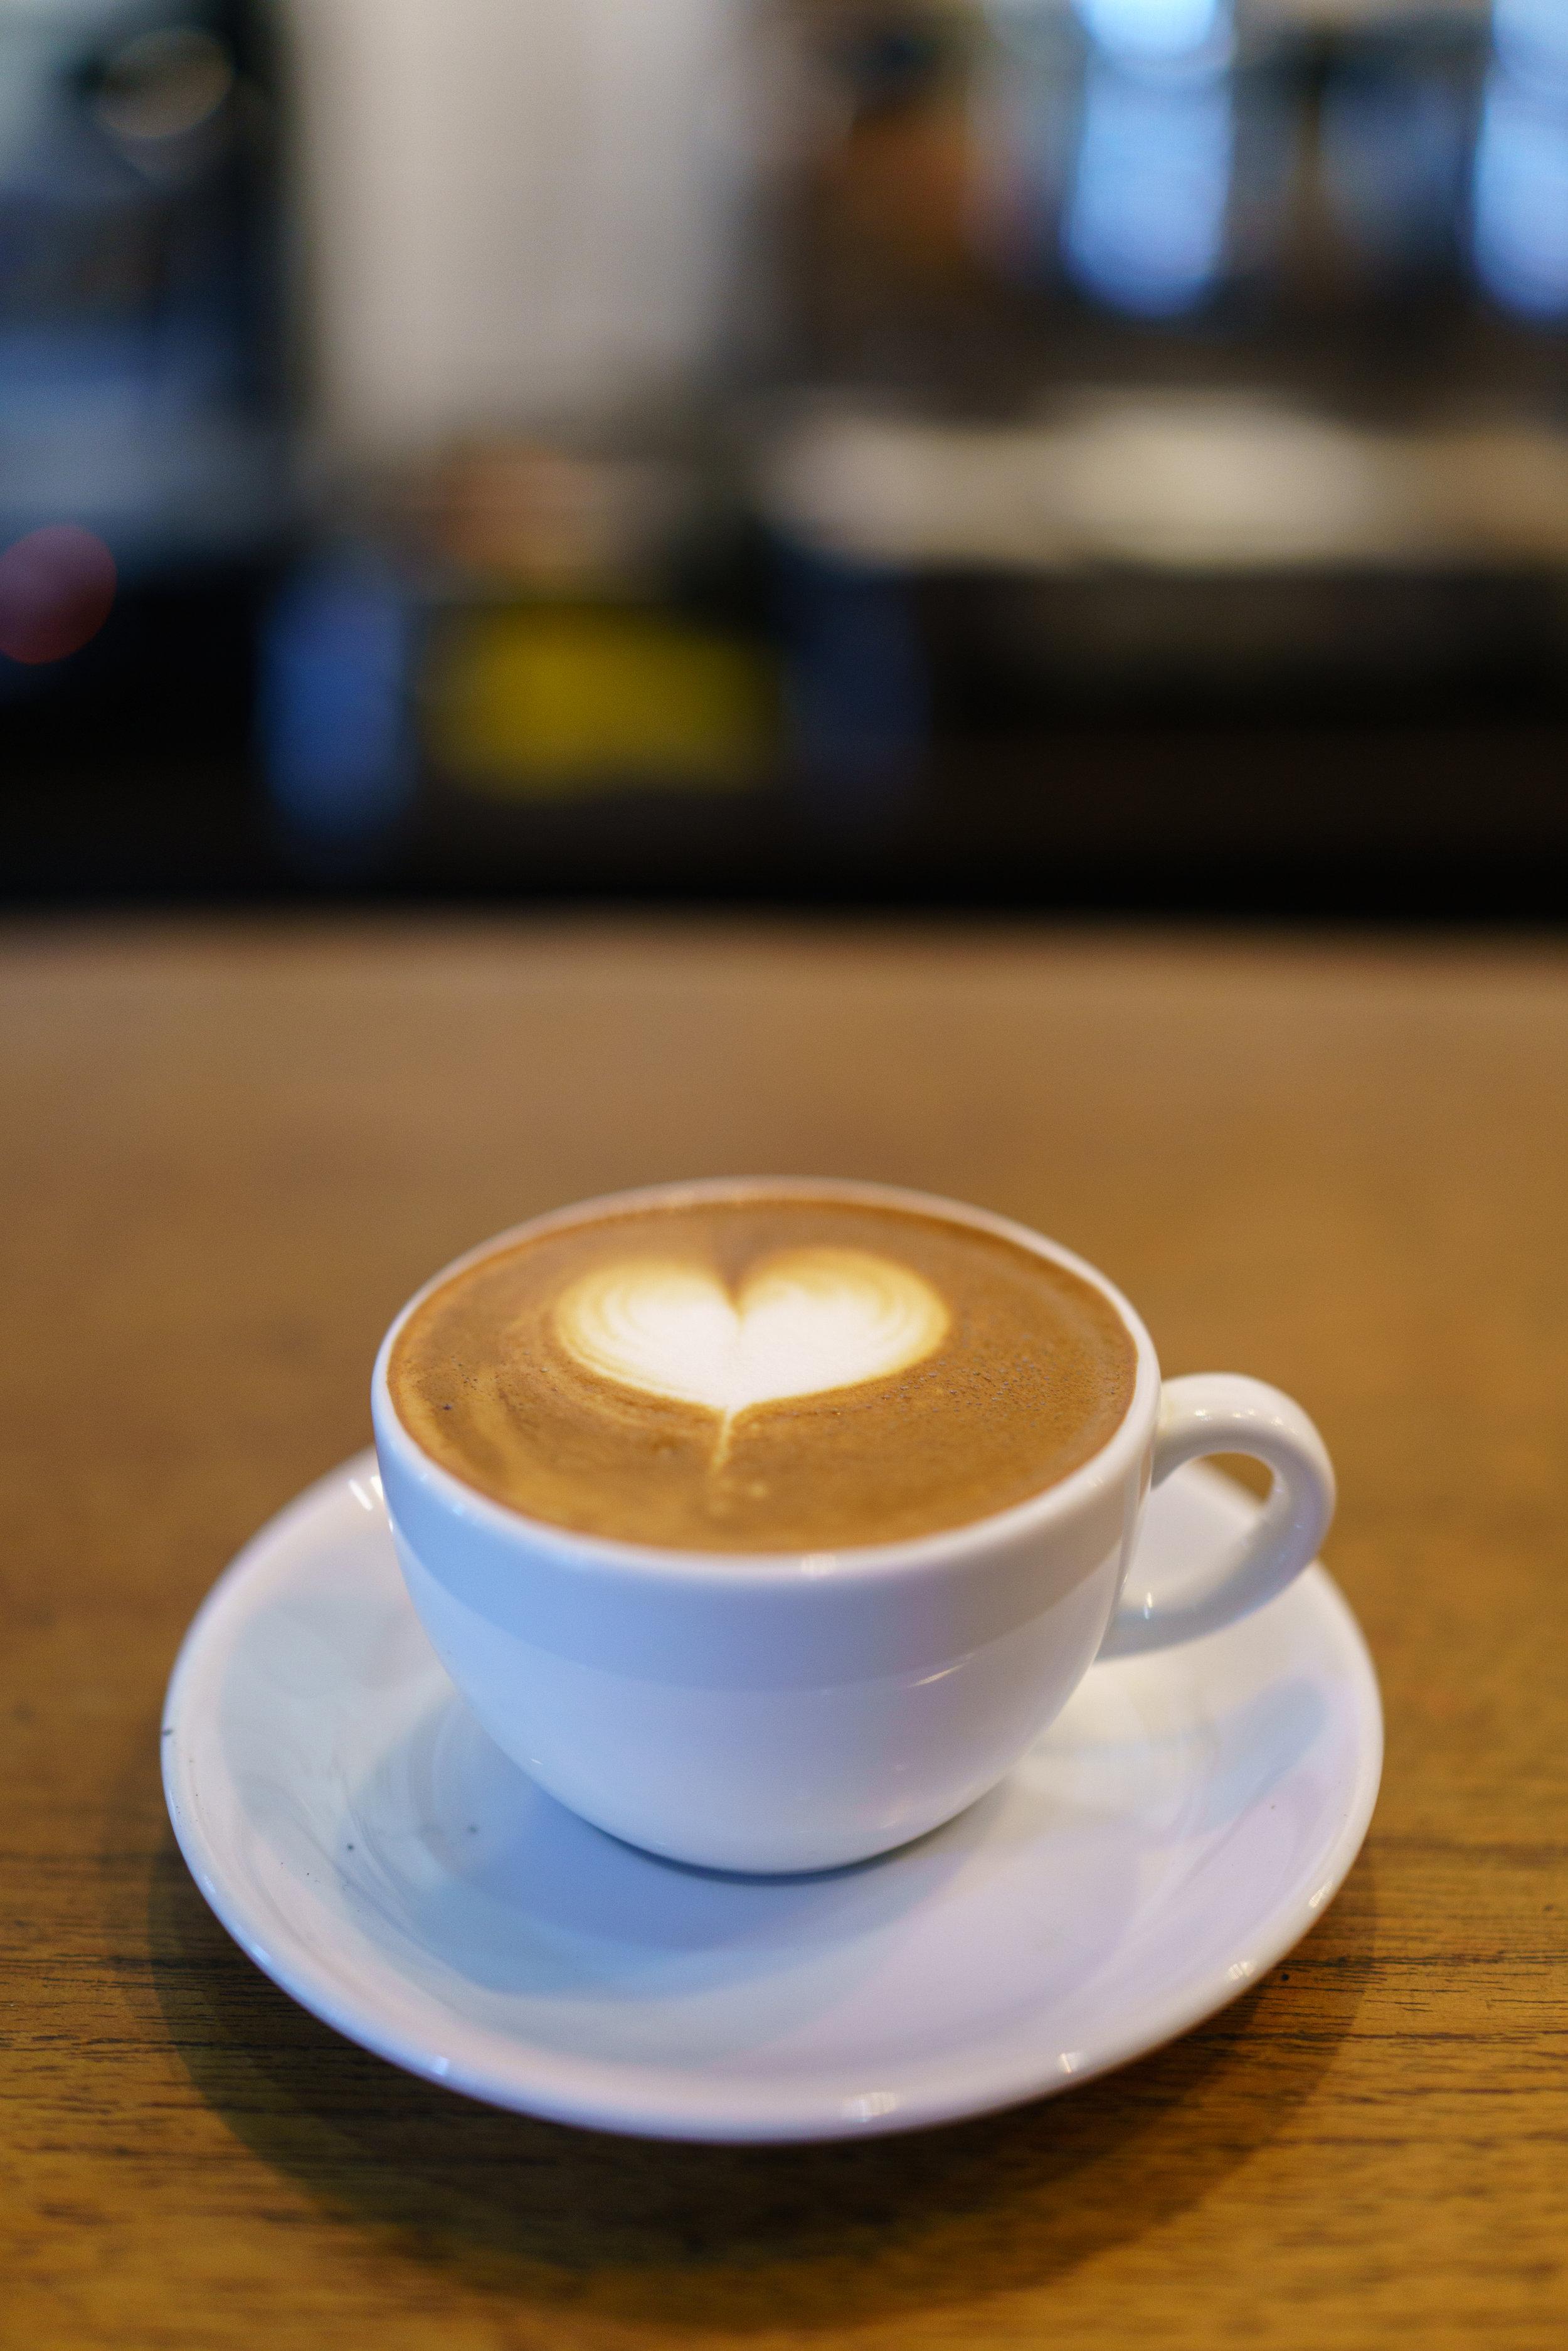 A Piccolo at Impresso Espresso Bar